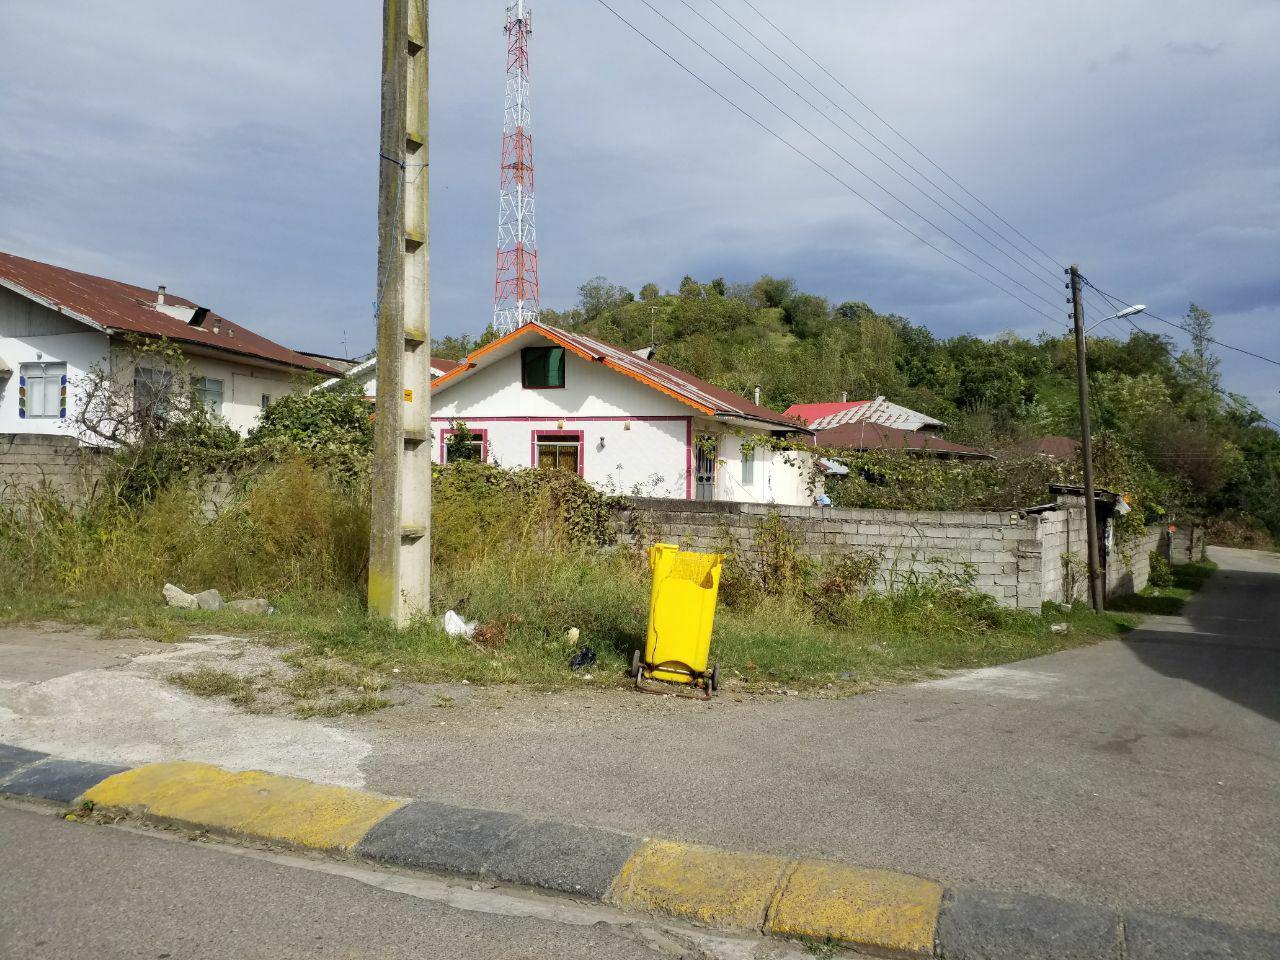 فروش زمین 500 متری شهری تجاری رانکوه